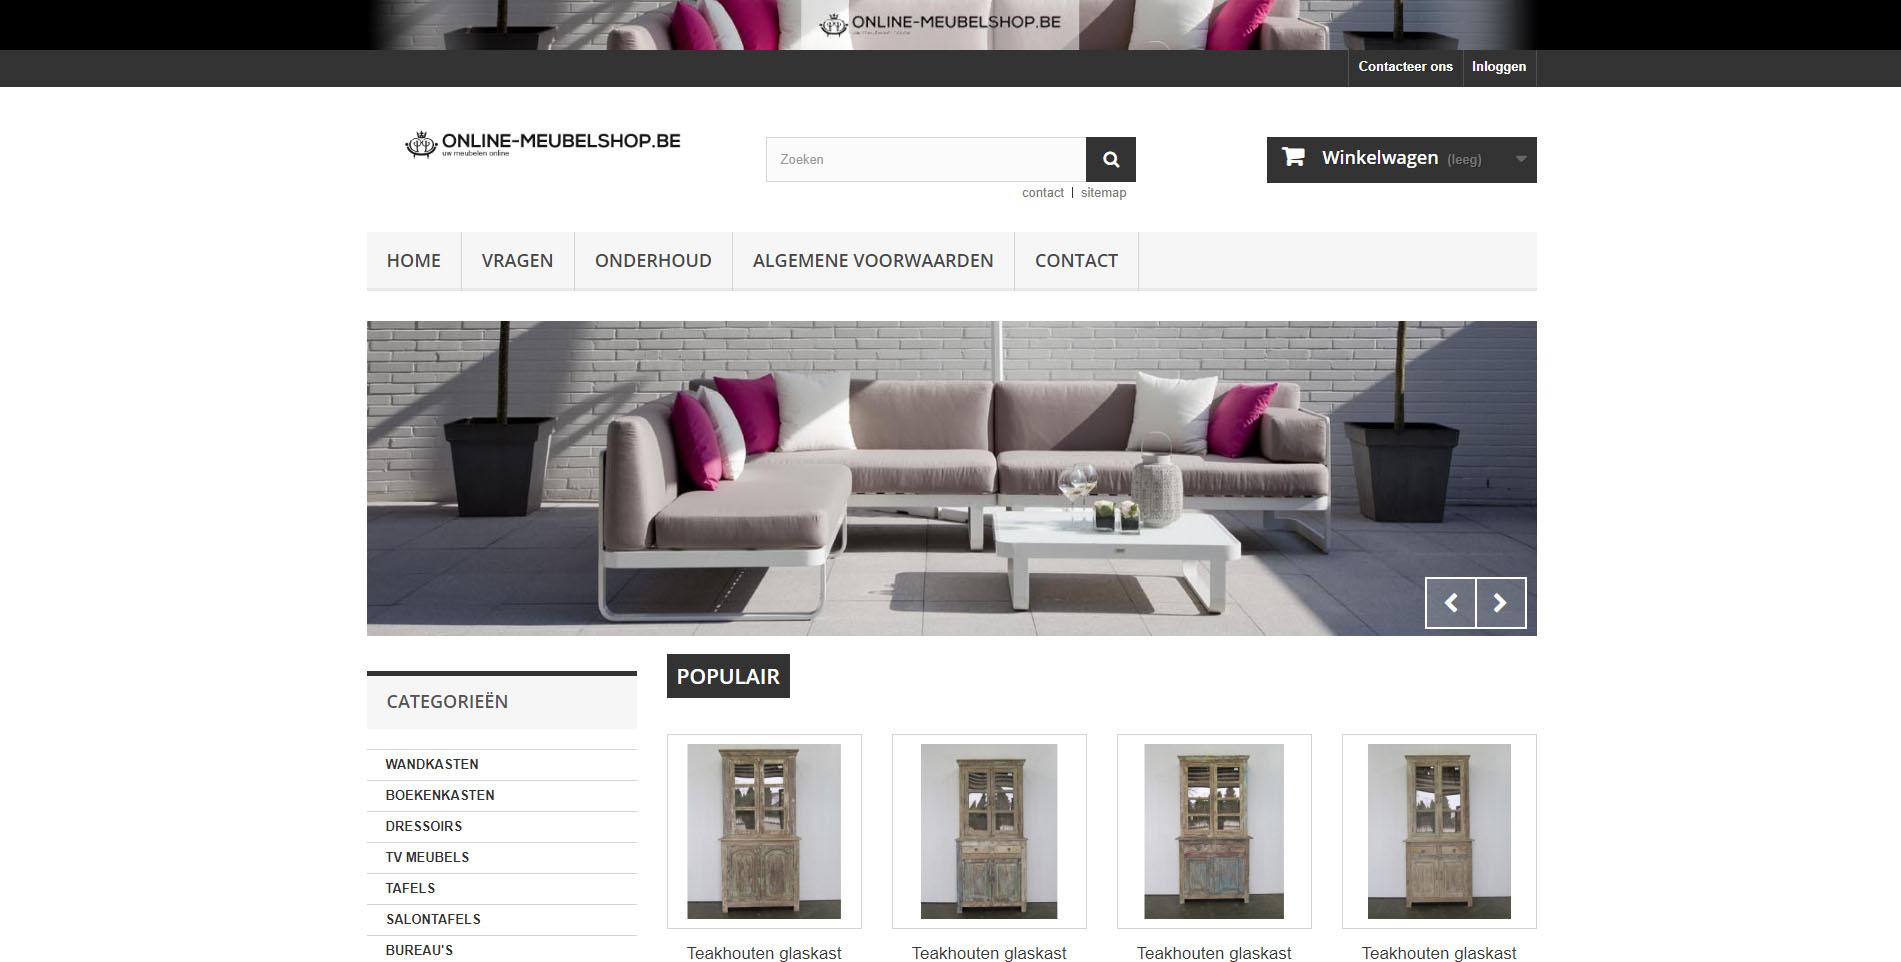 Online meubelshop